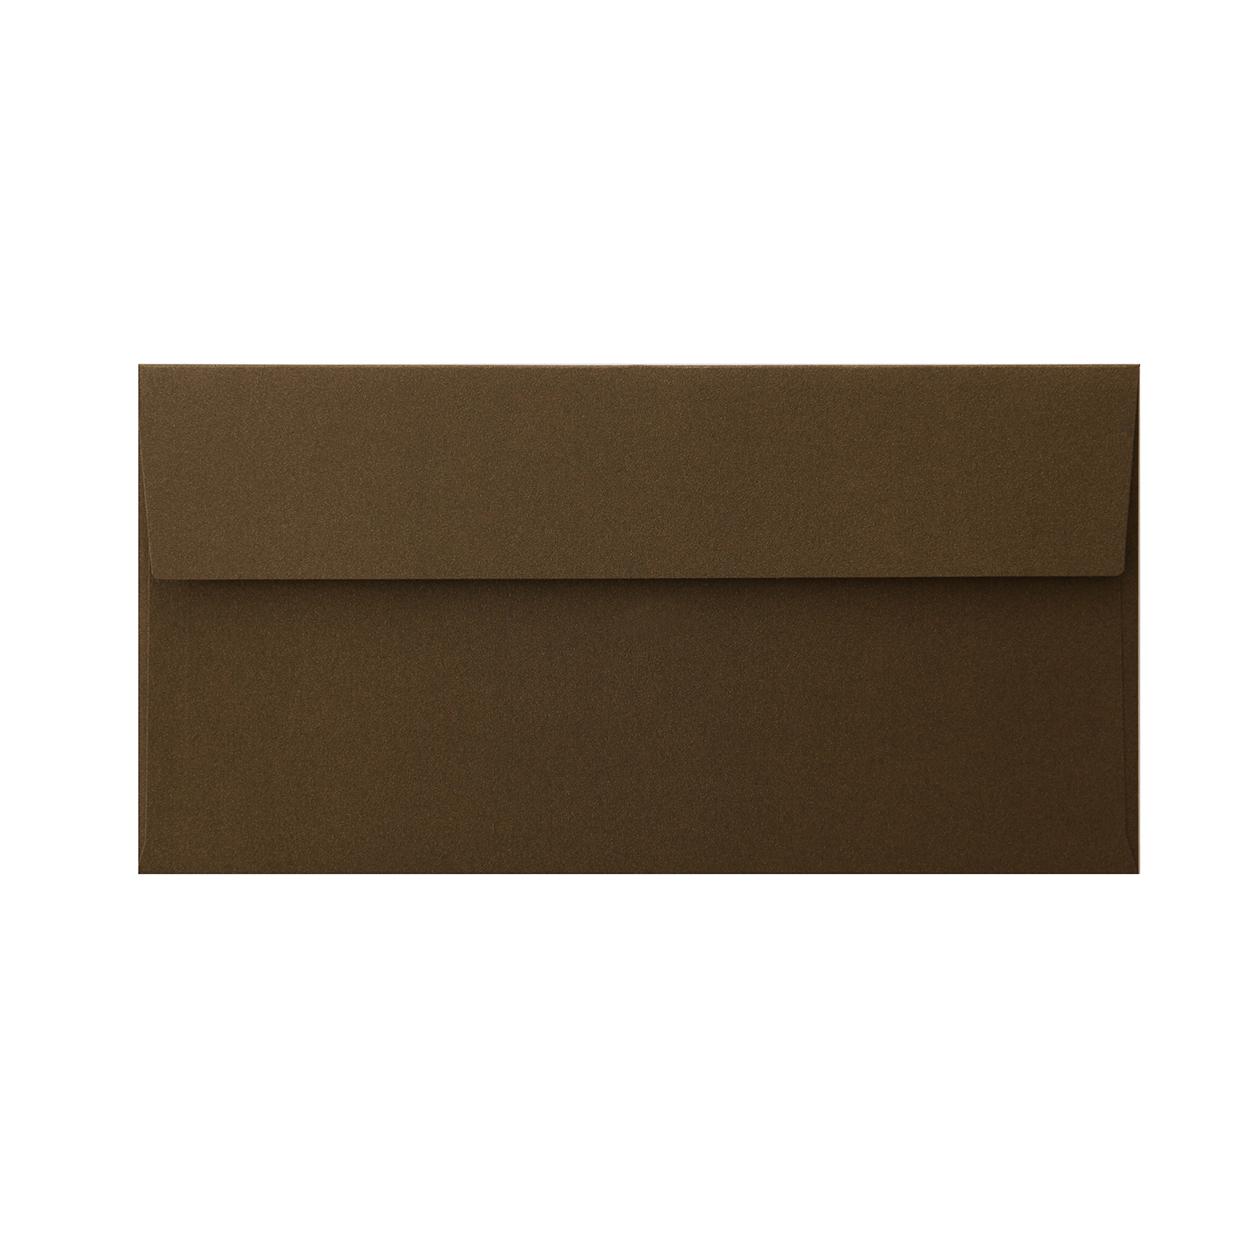 長3カマス封筒 コットンパール チョコレート 125.3g